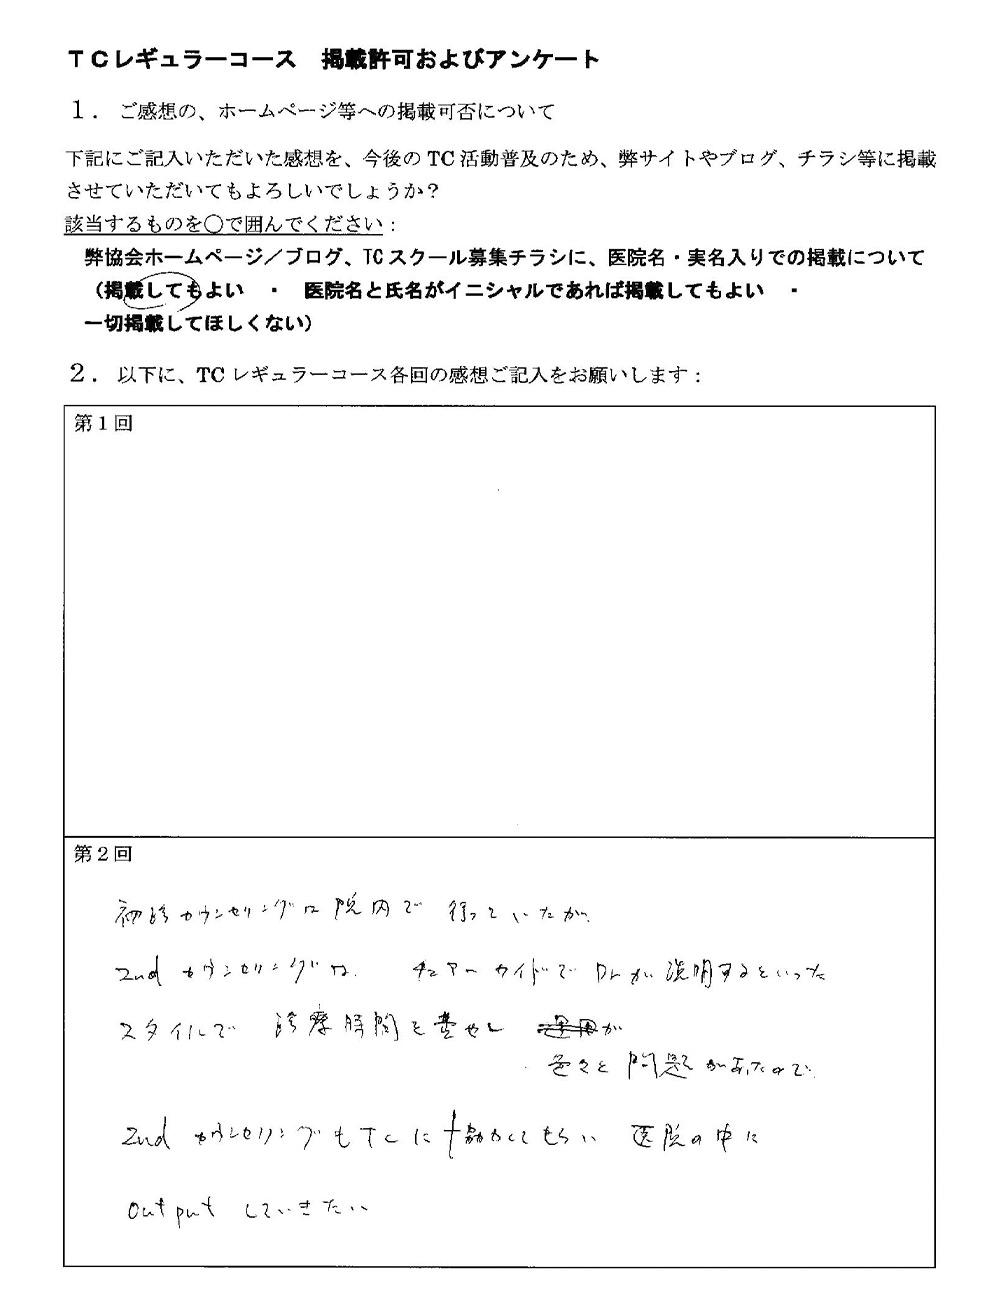 江田 厚太郎 様アンケート